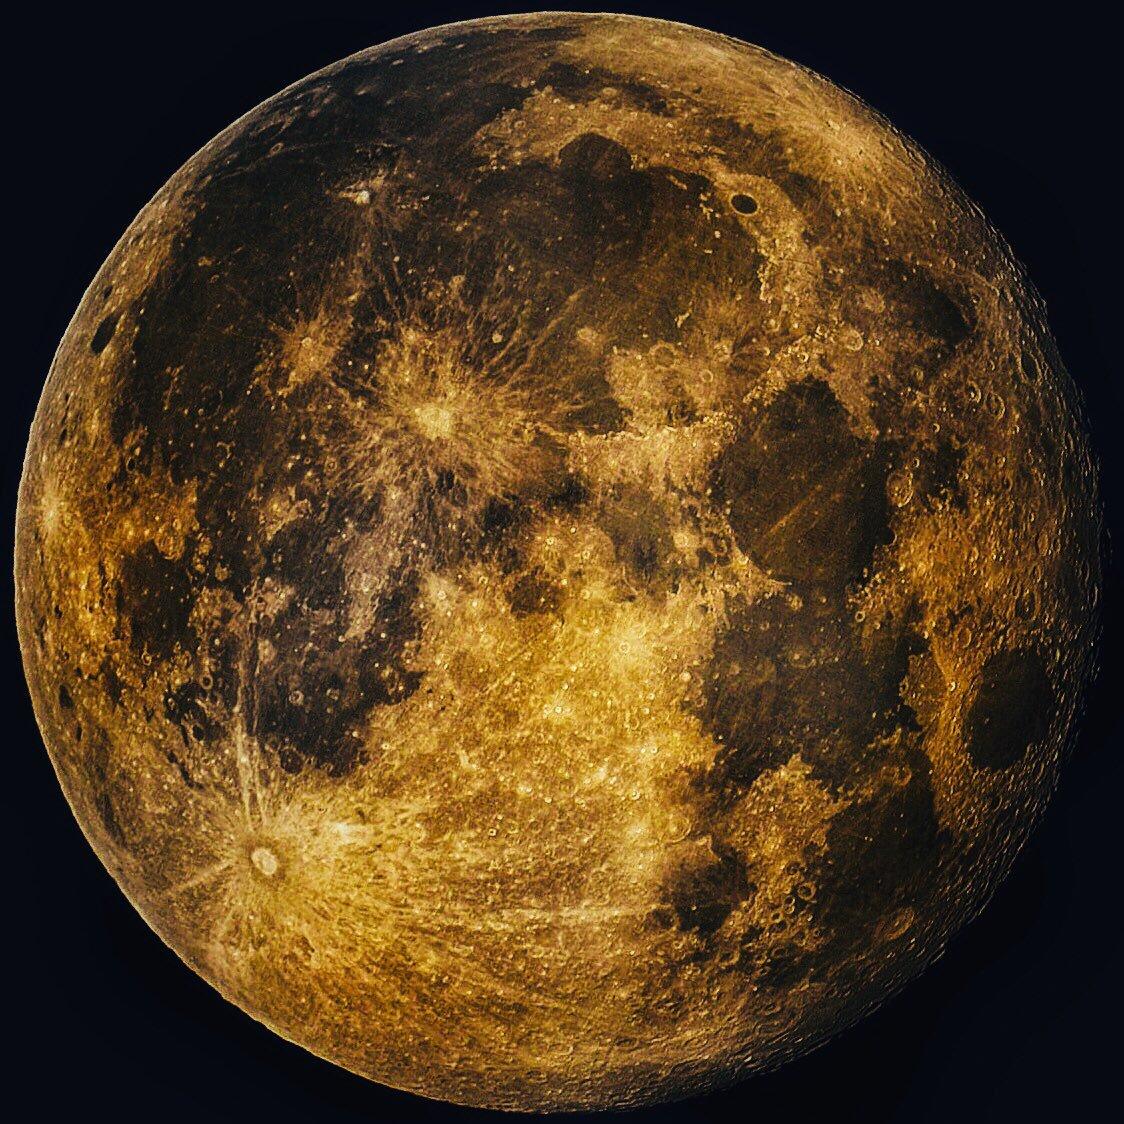 La Luna llena desde España